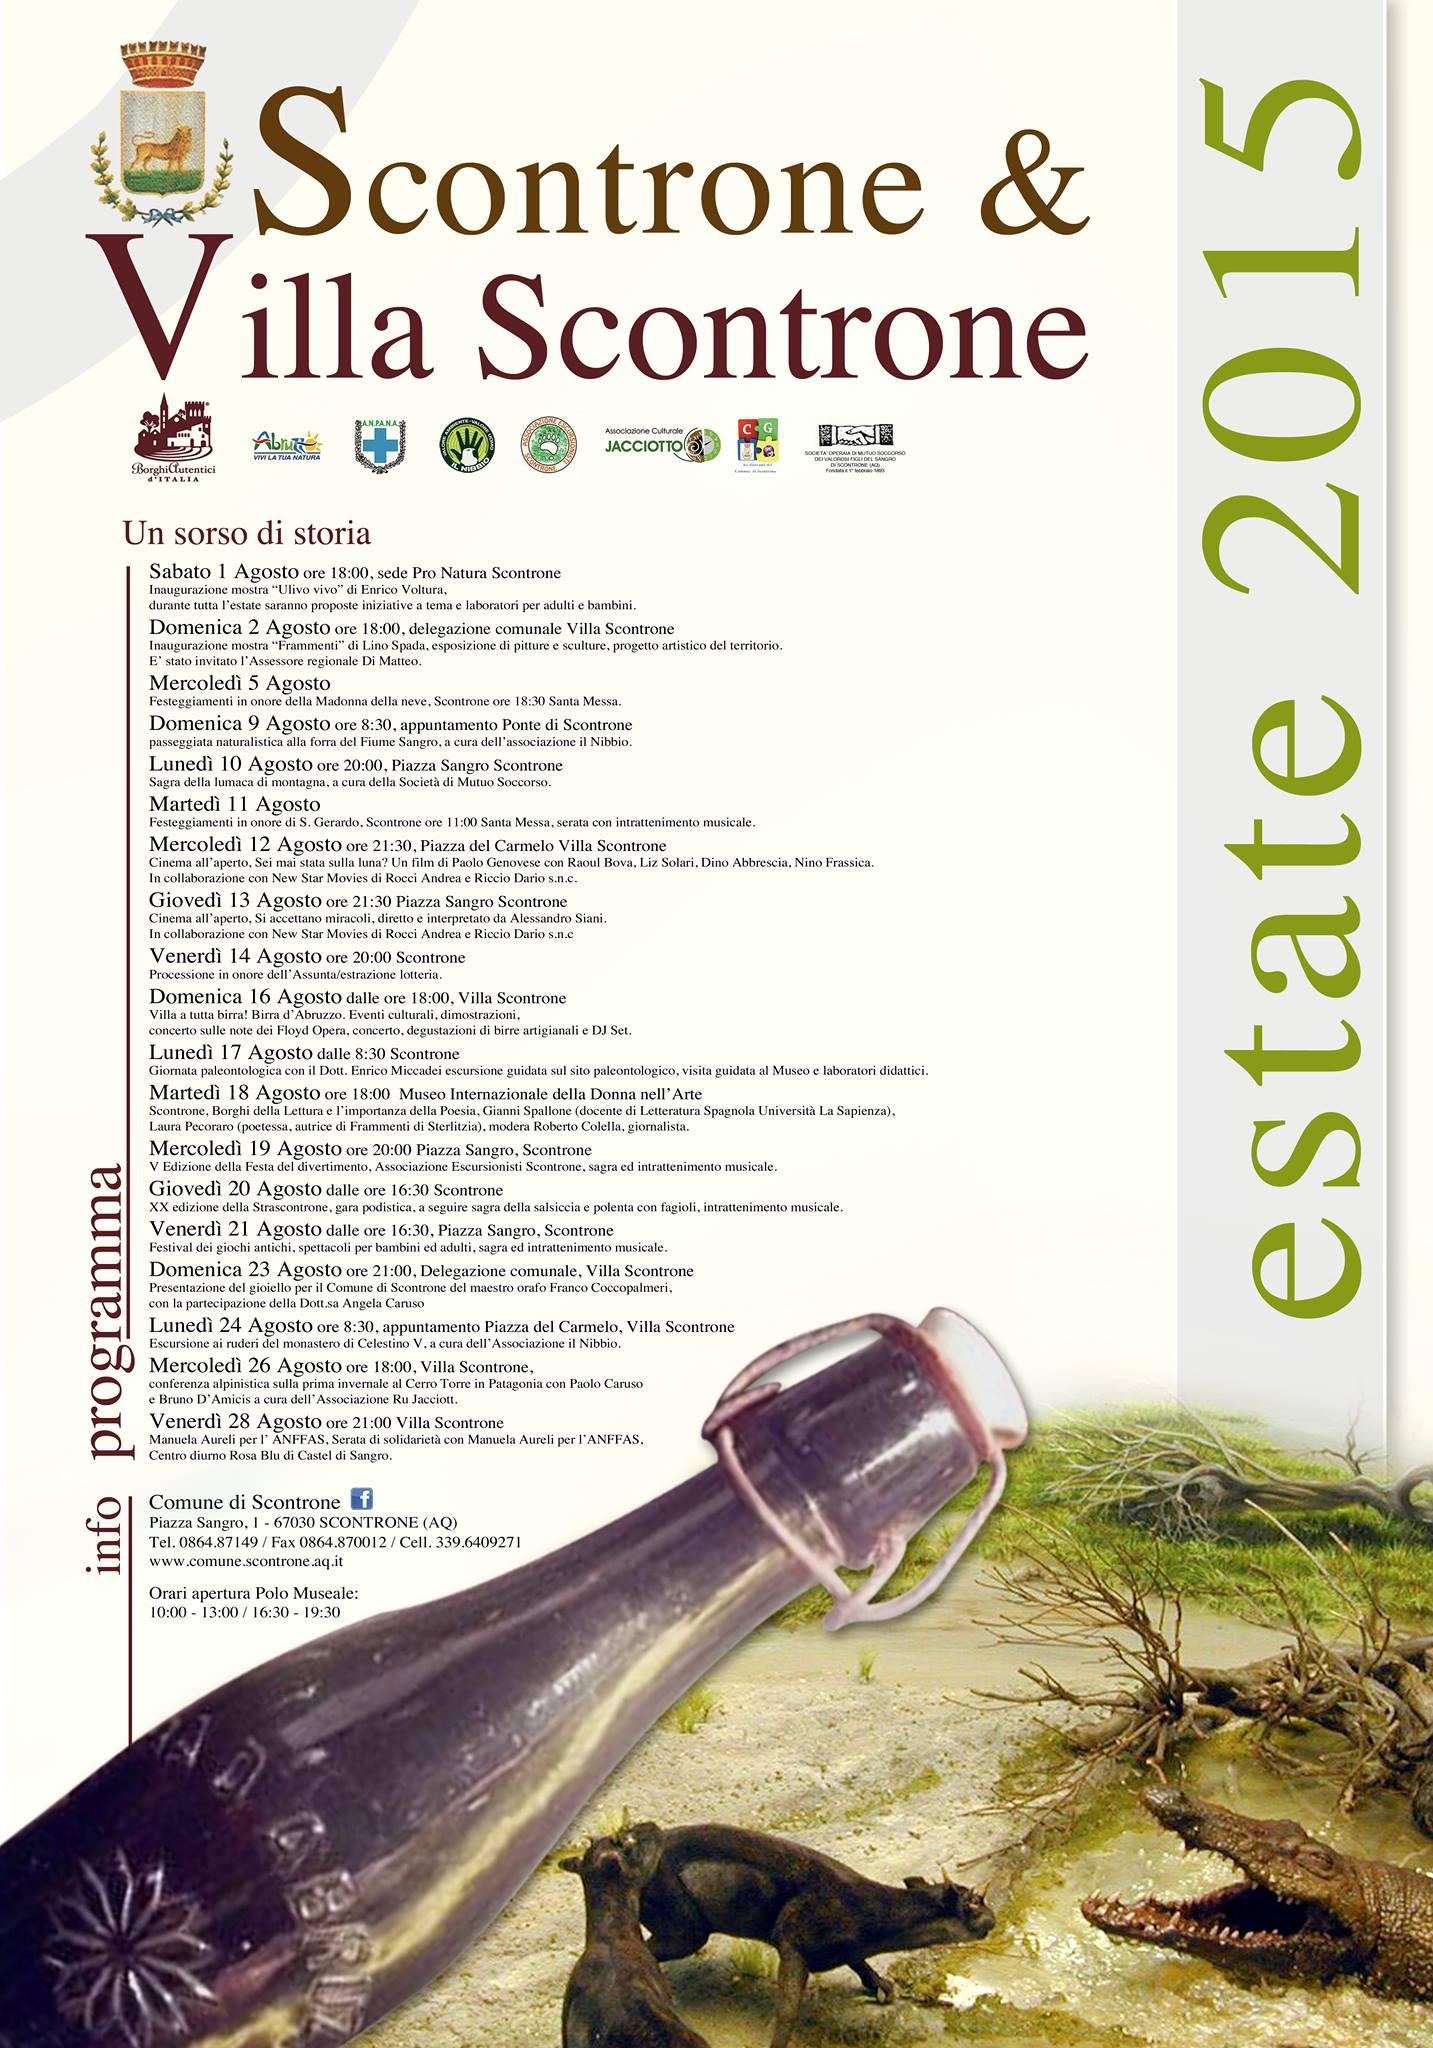 Calendario eventi agosto_Scontrone